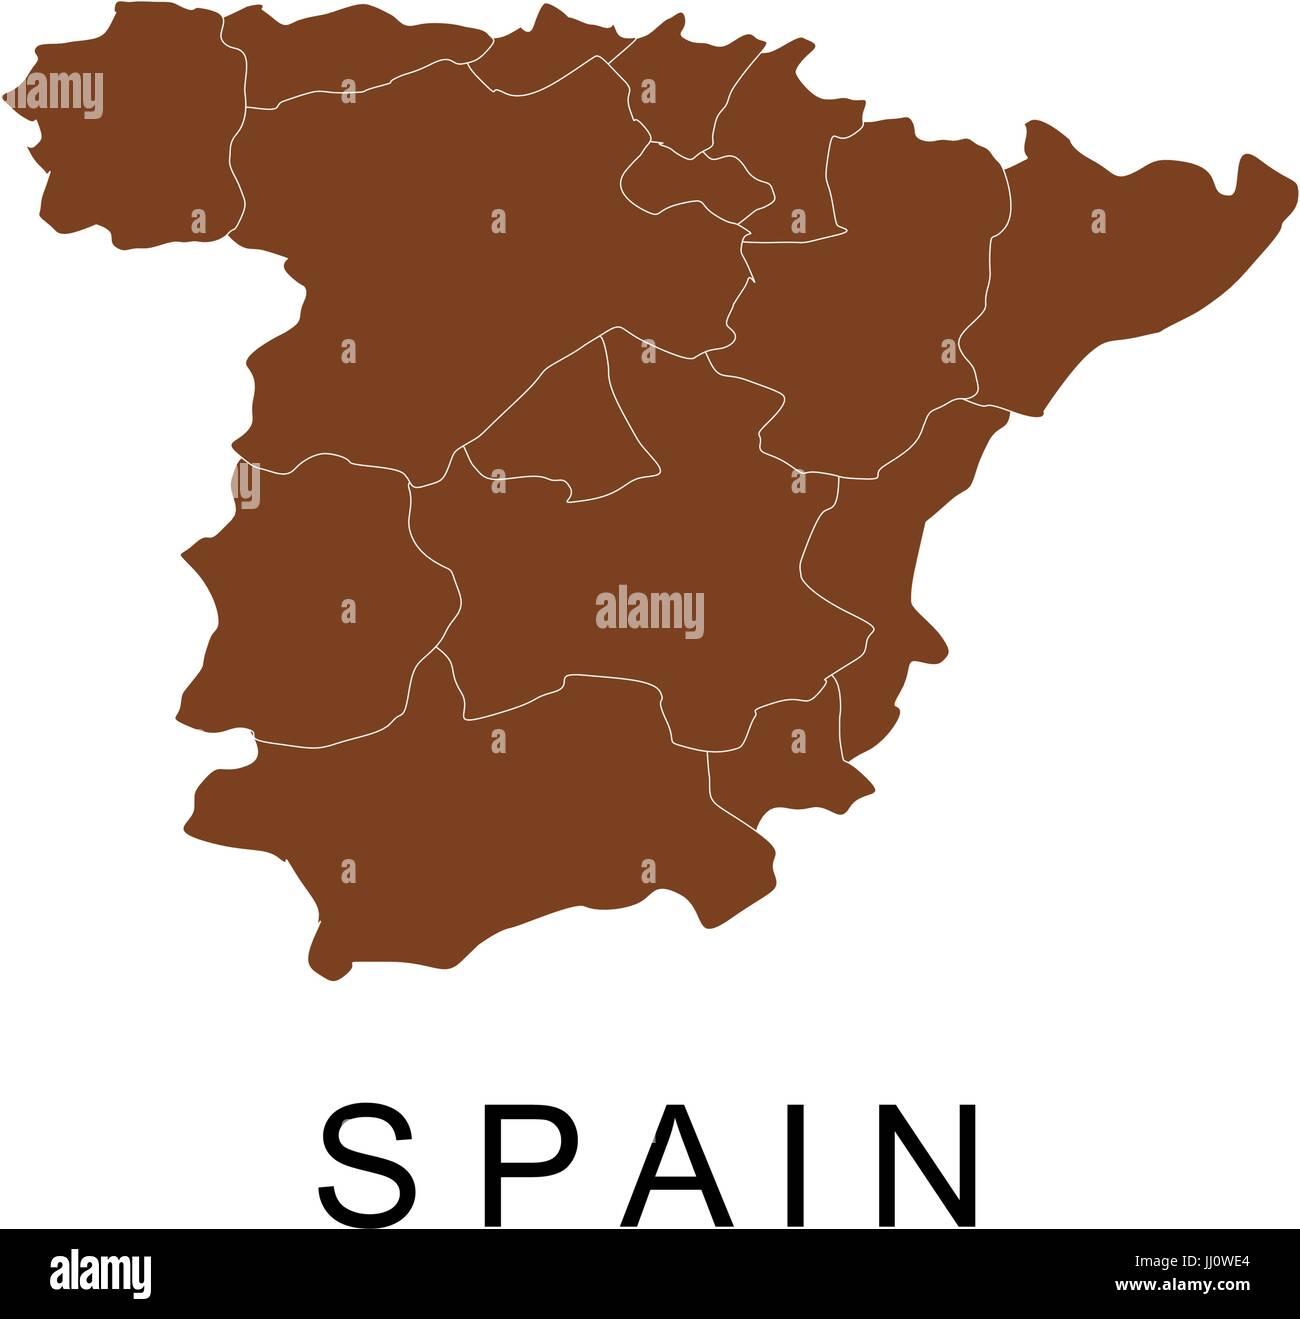 Spanien Regionen Karte.Spanien Karte Mit Regionen Vektor Abbildung Bild 148766748 Alamy